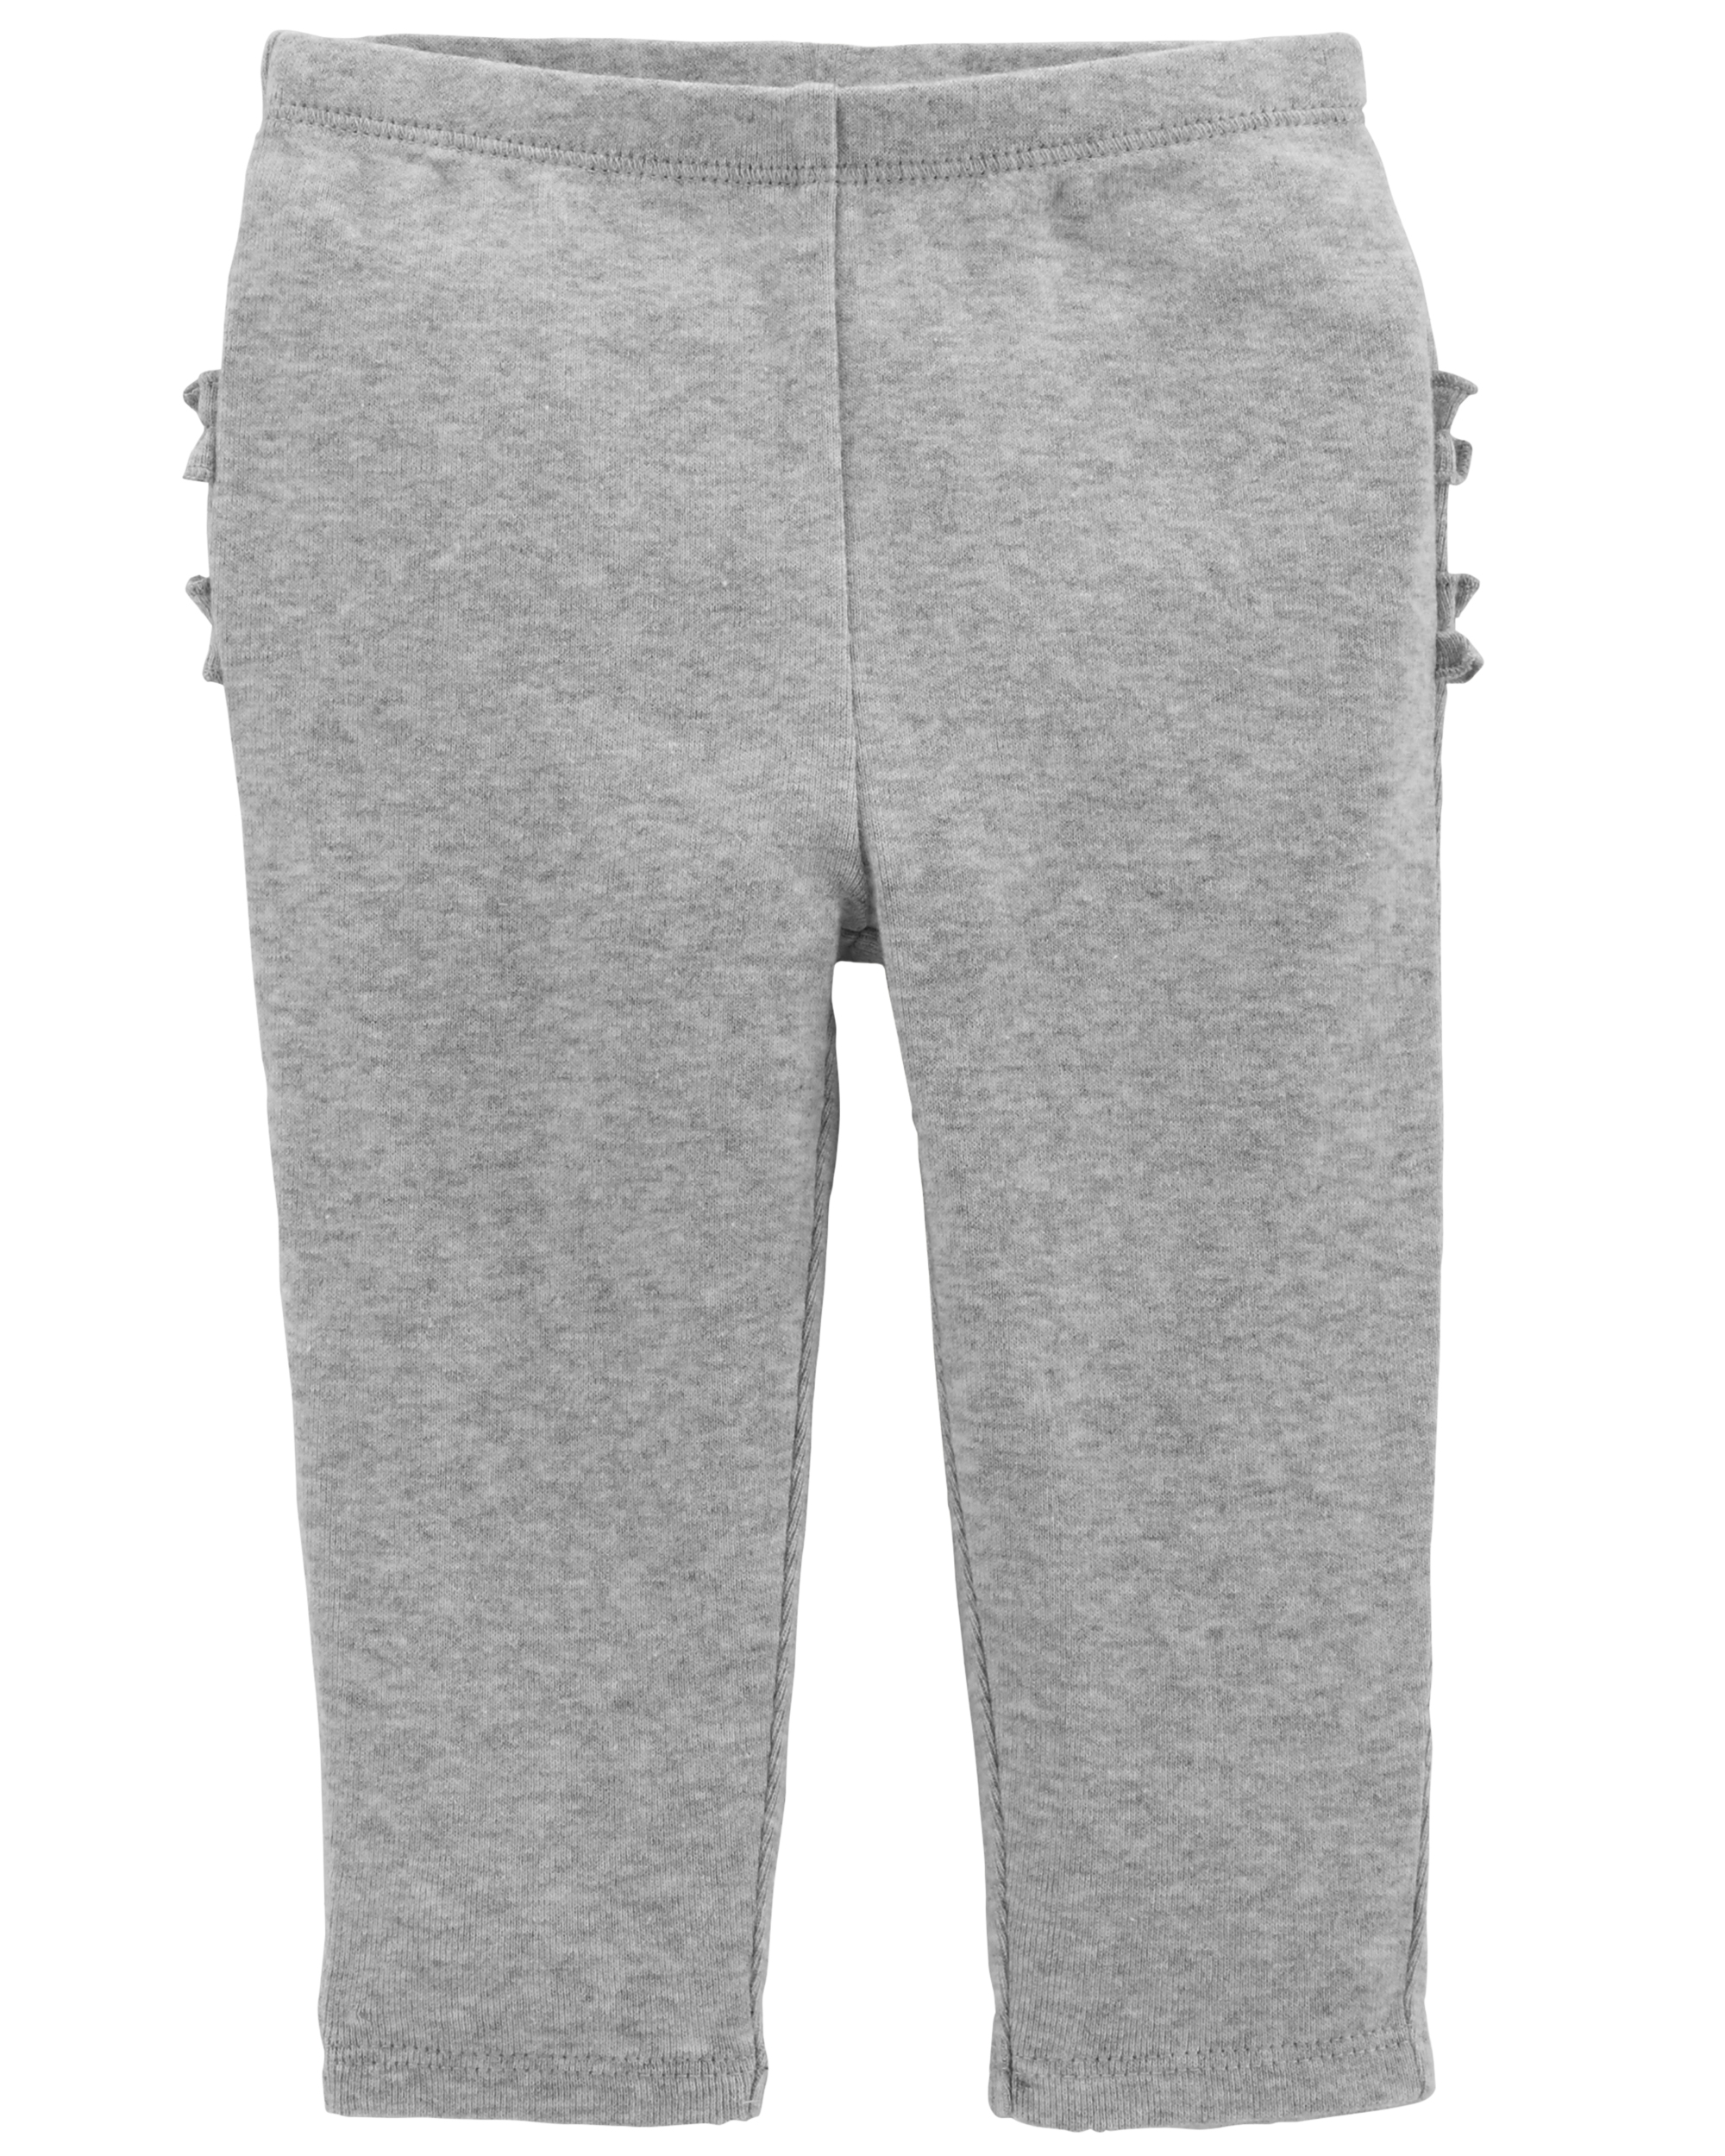 זוג מכנסיים אפור/ורוד